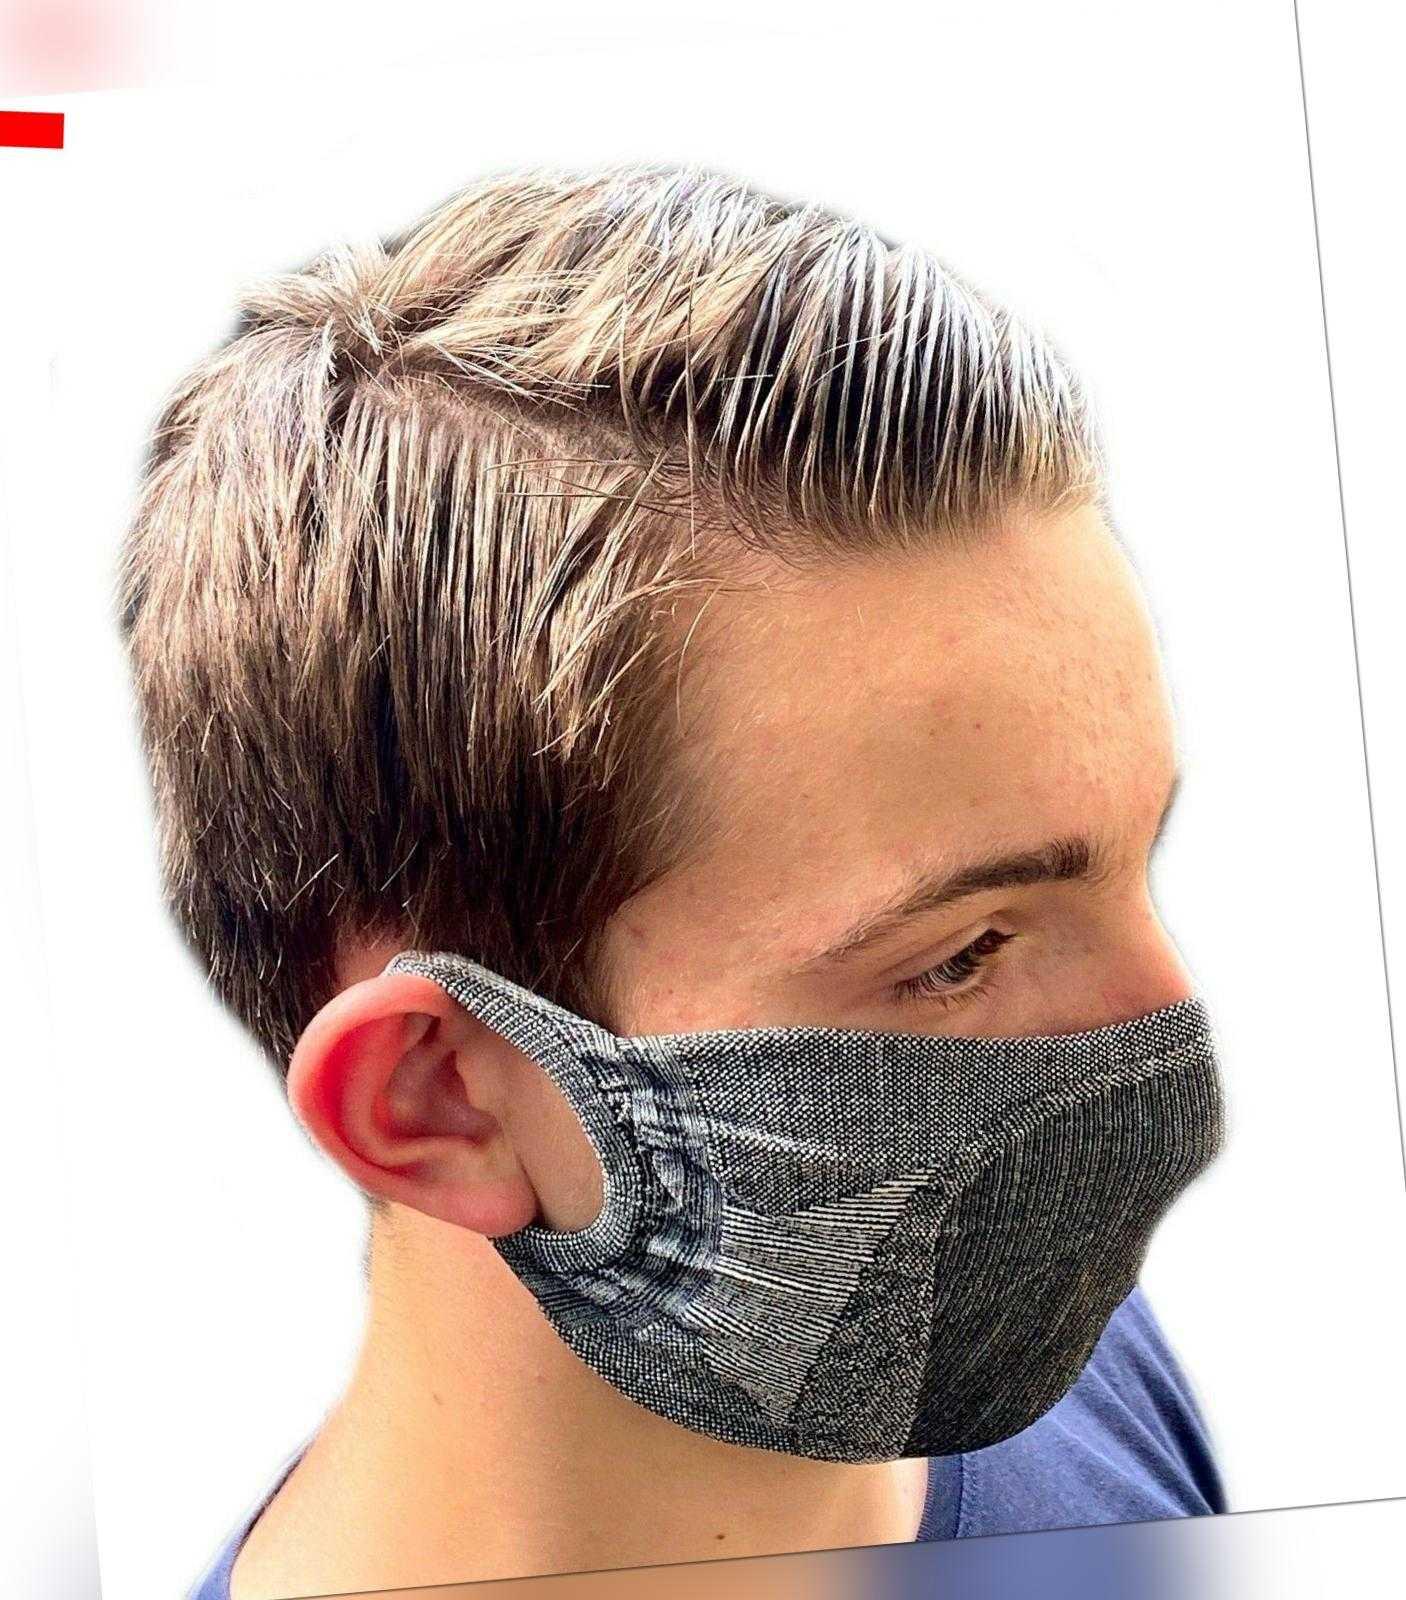 COMMUNITY-MASKE Behelfs-Mundschutz wiederverwendbar Behelf-Mund-Nasen-Maske